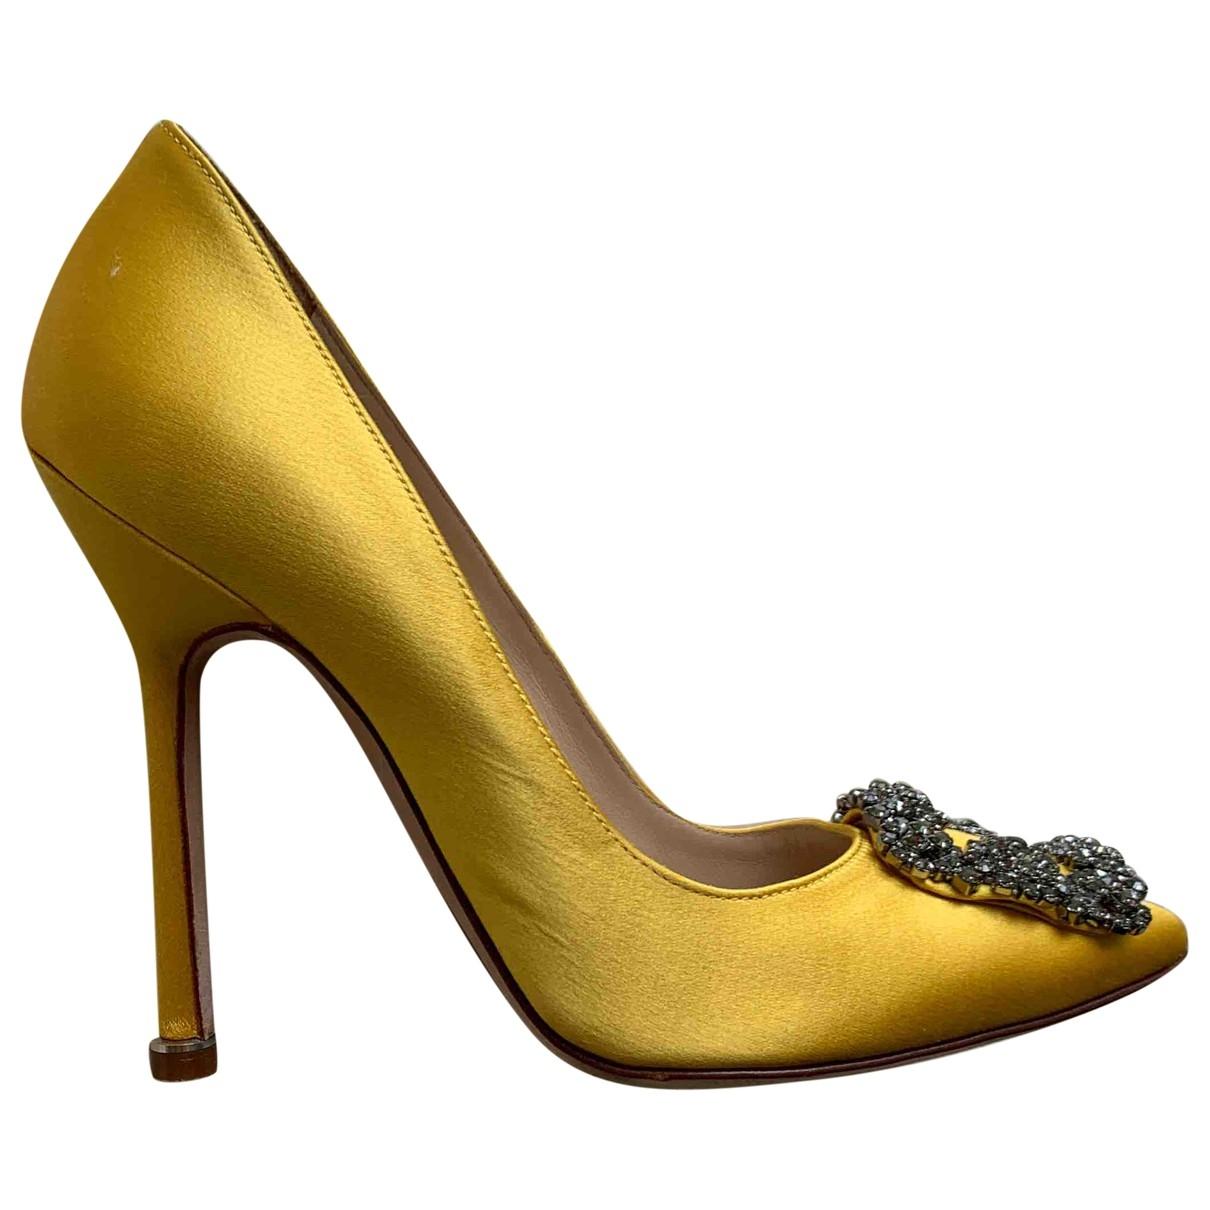 Manolo Blahnik - Escarpins Hangisi pour femme en toile - jaune